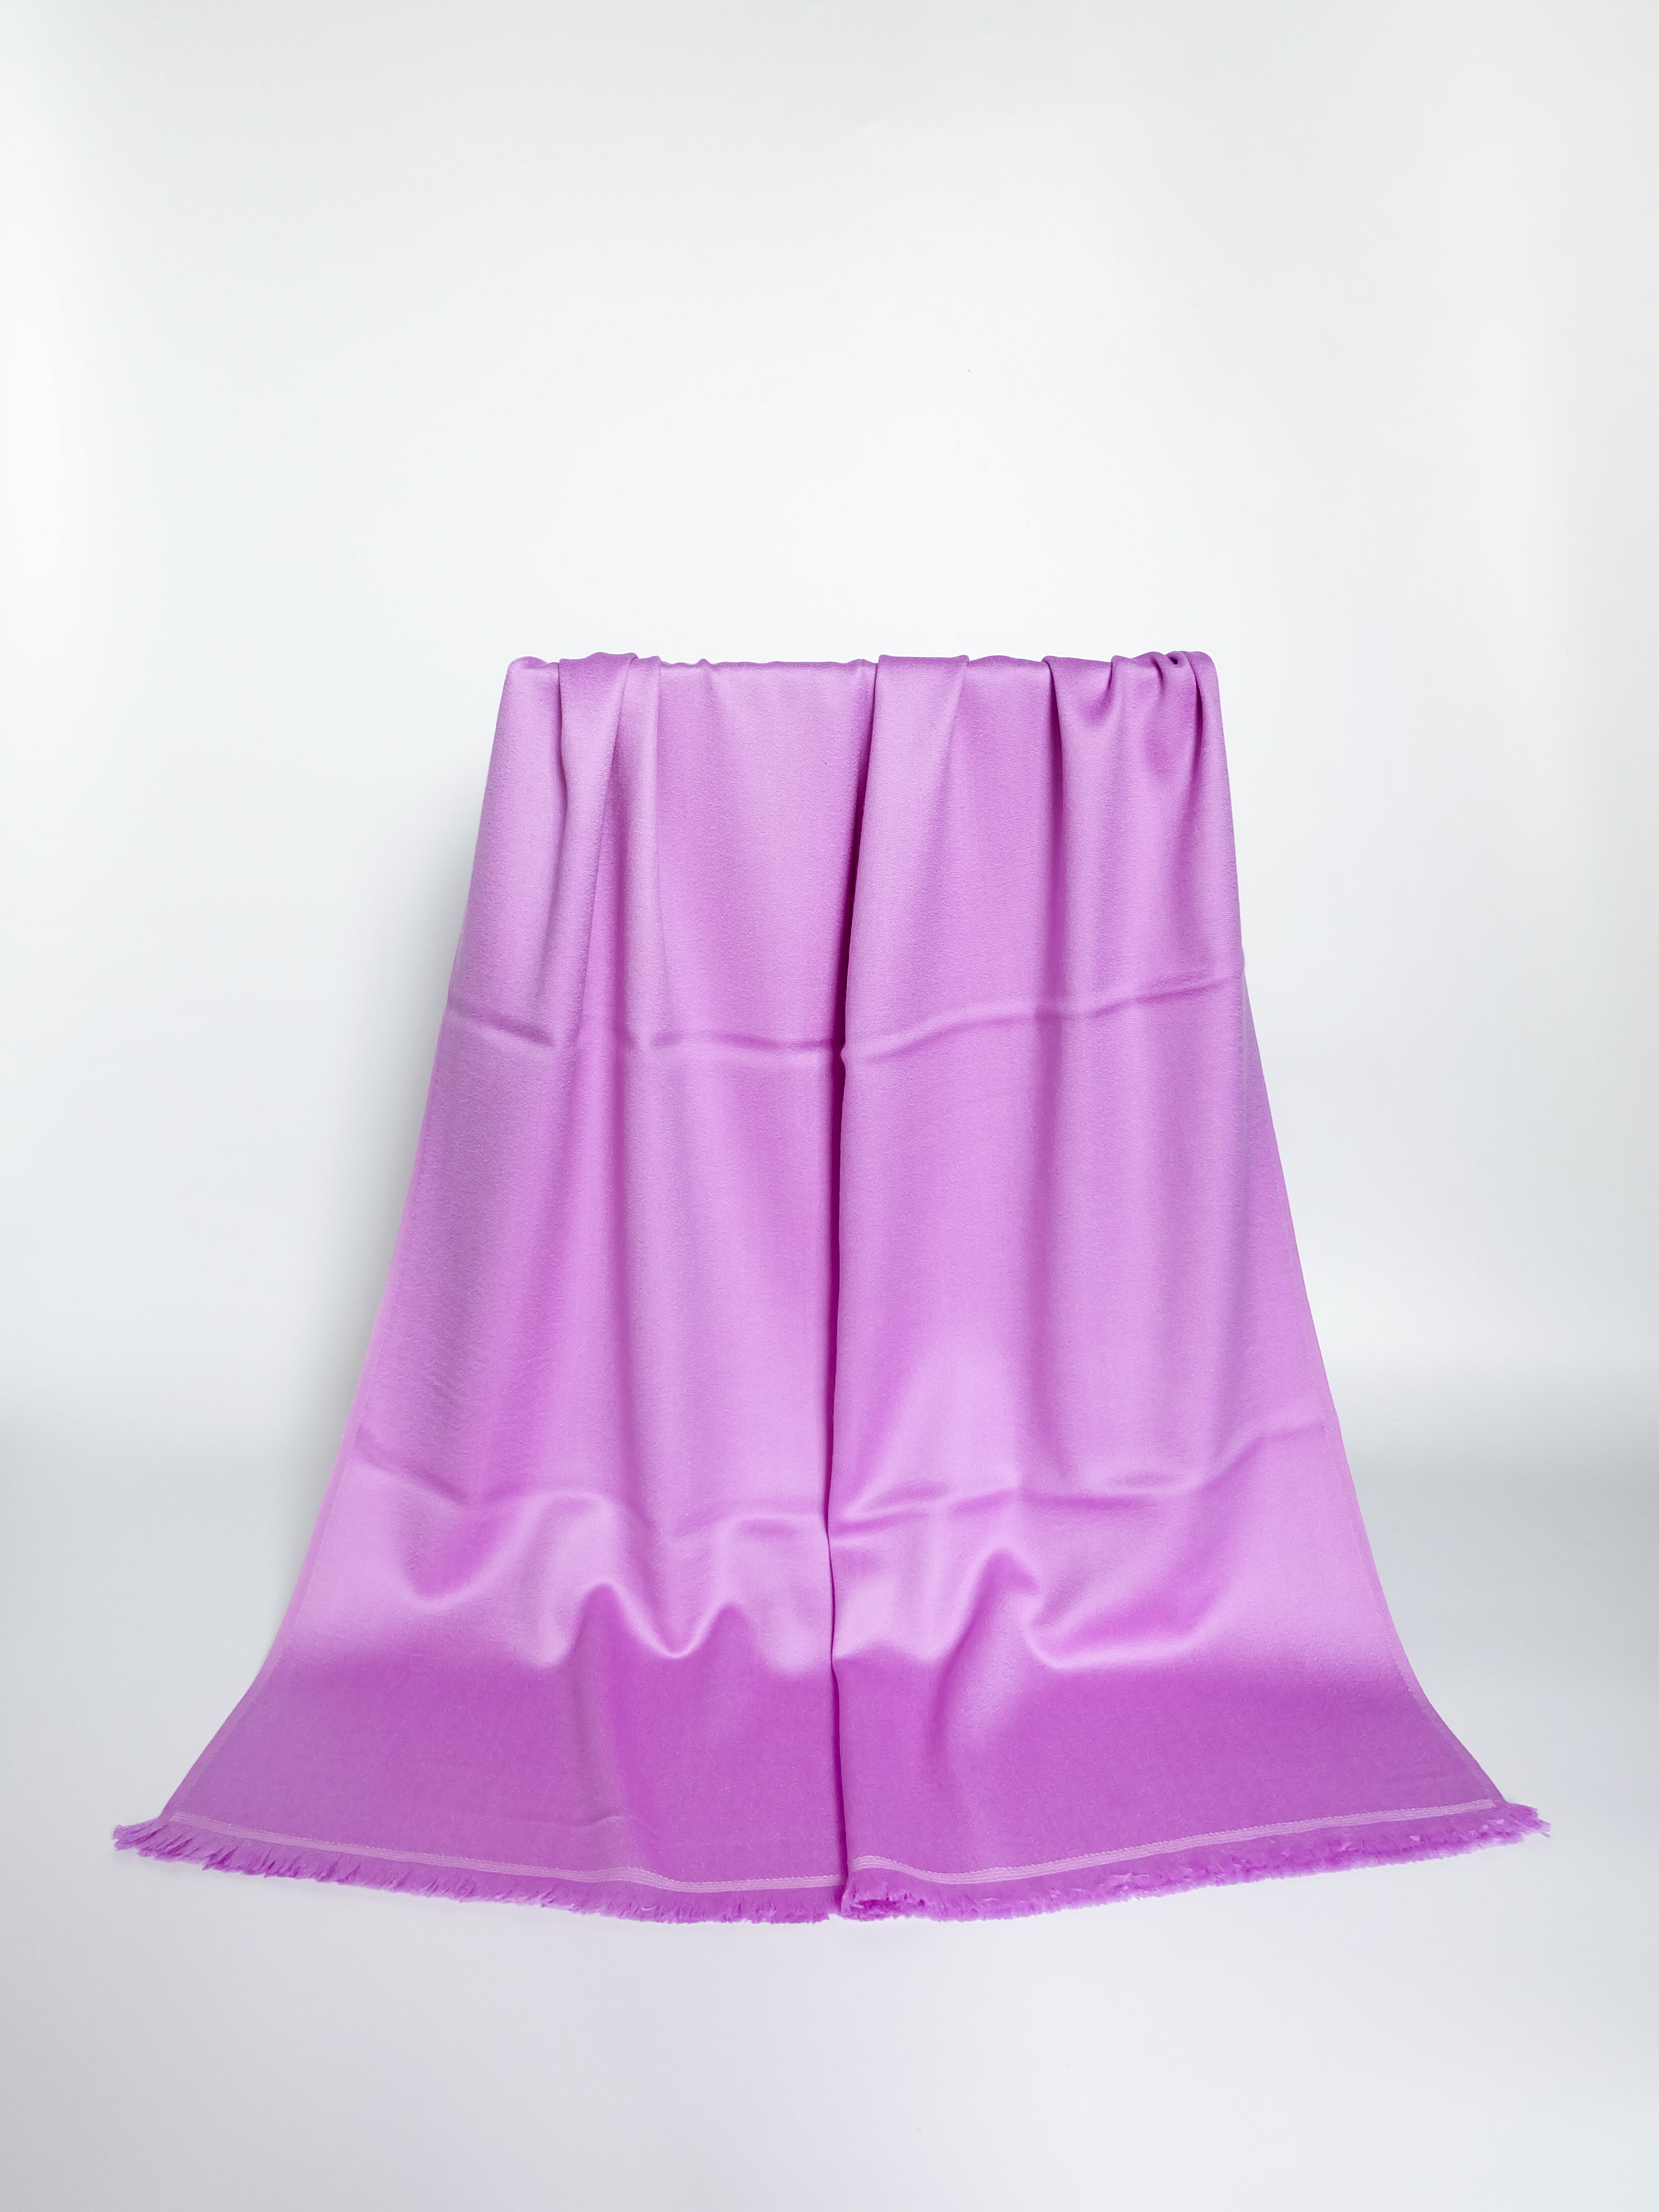 Lavender Mist (Purple) - 67x184cm